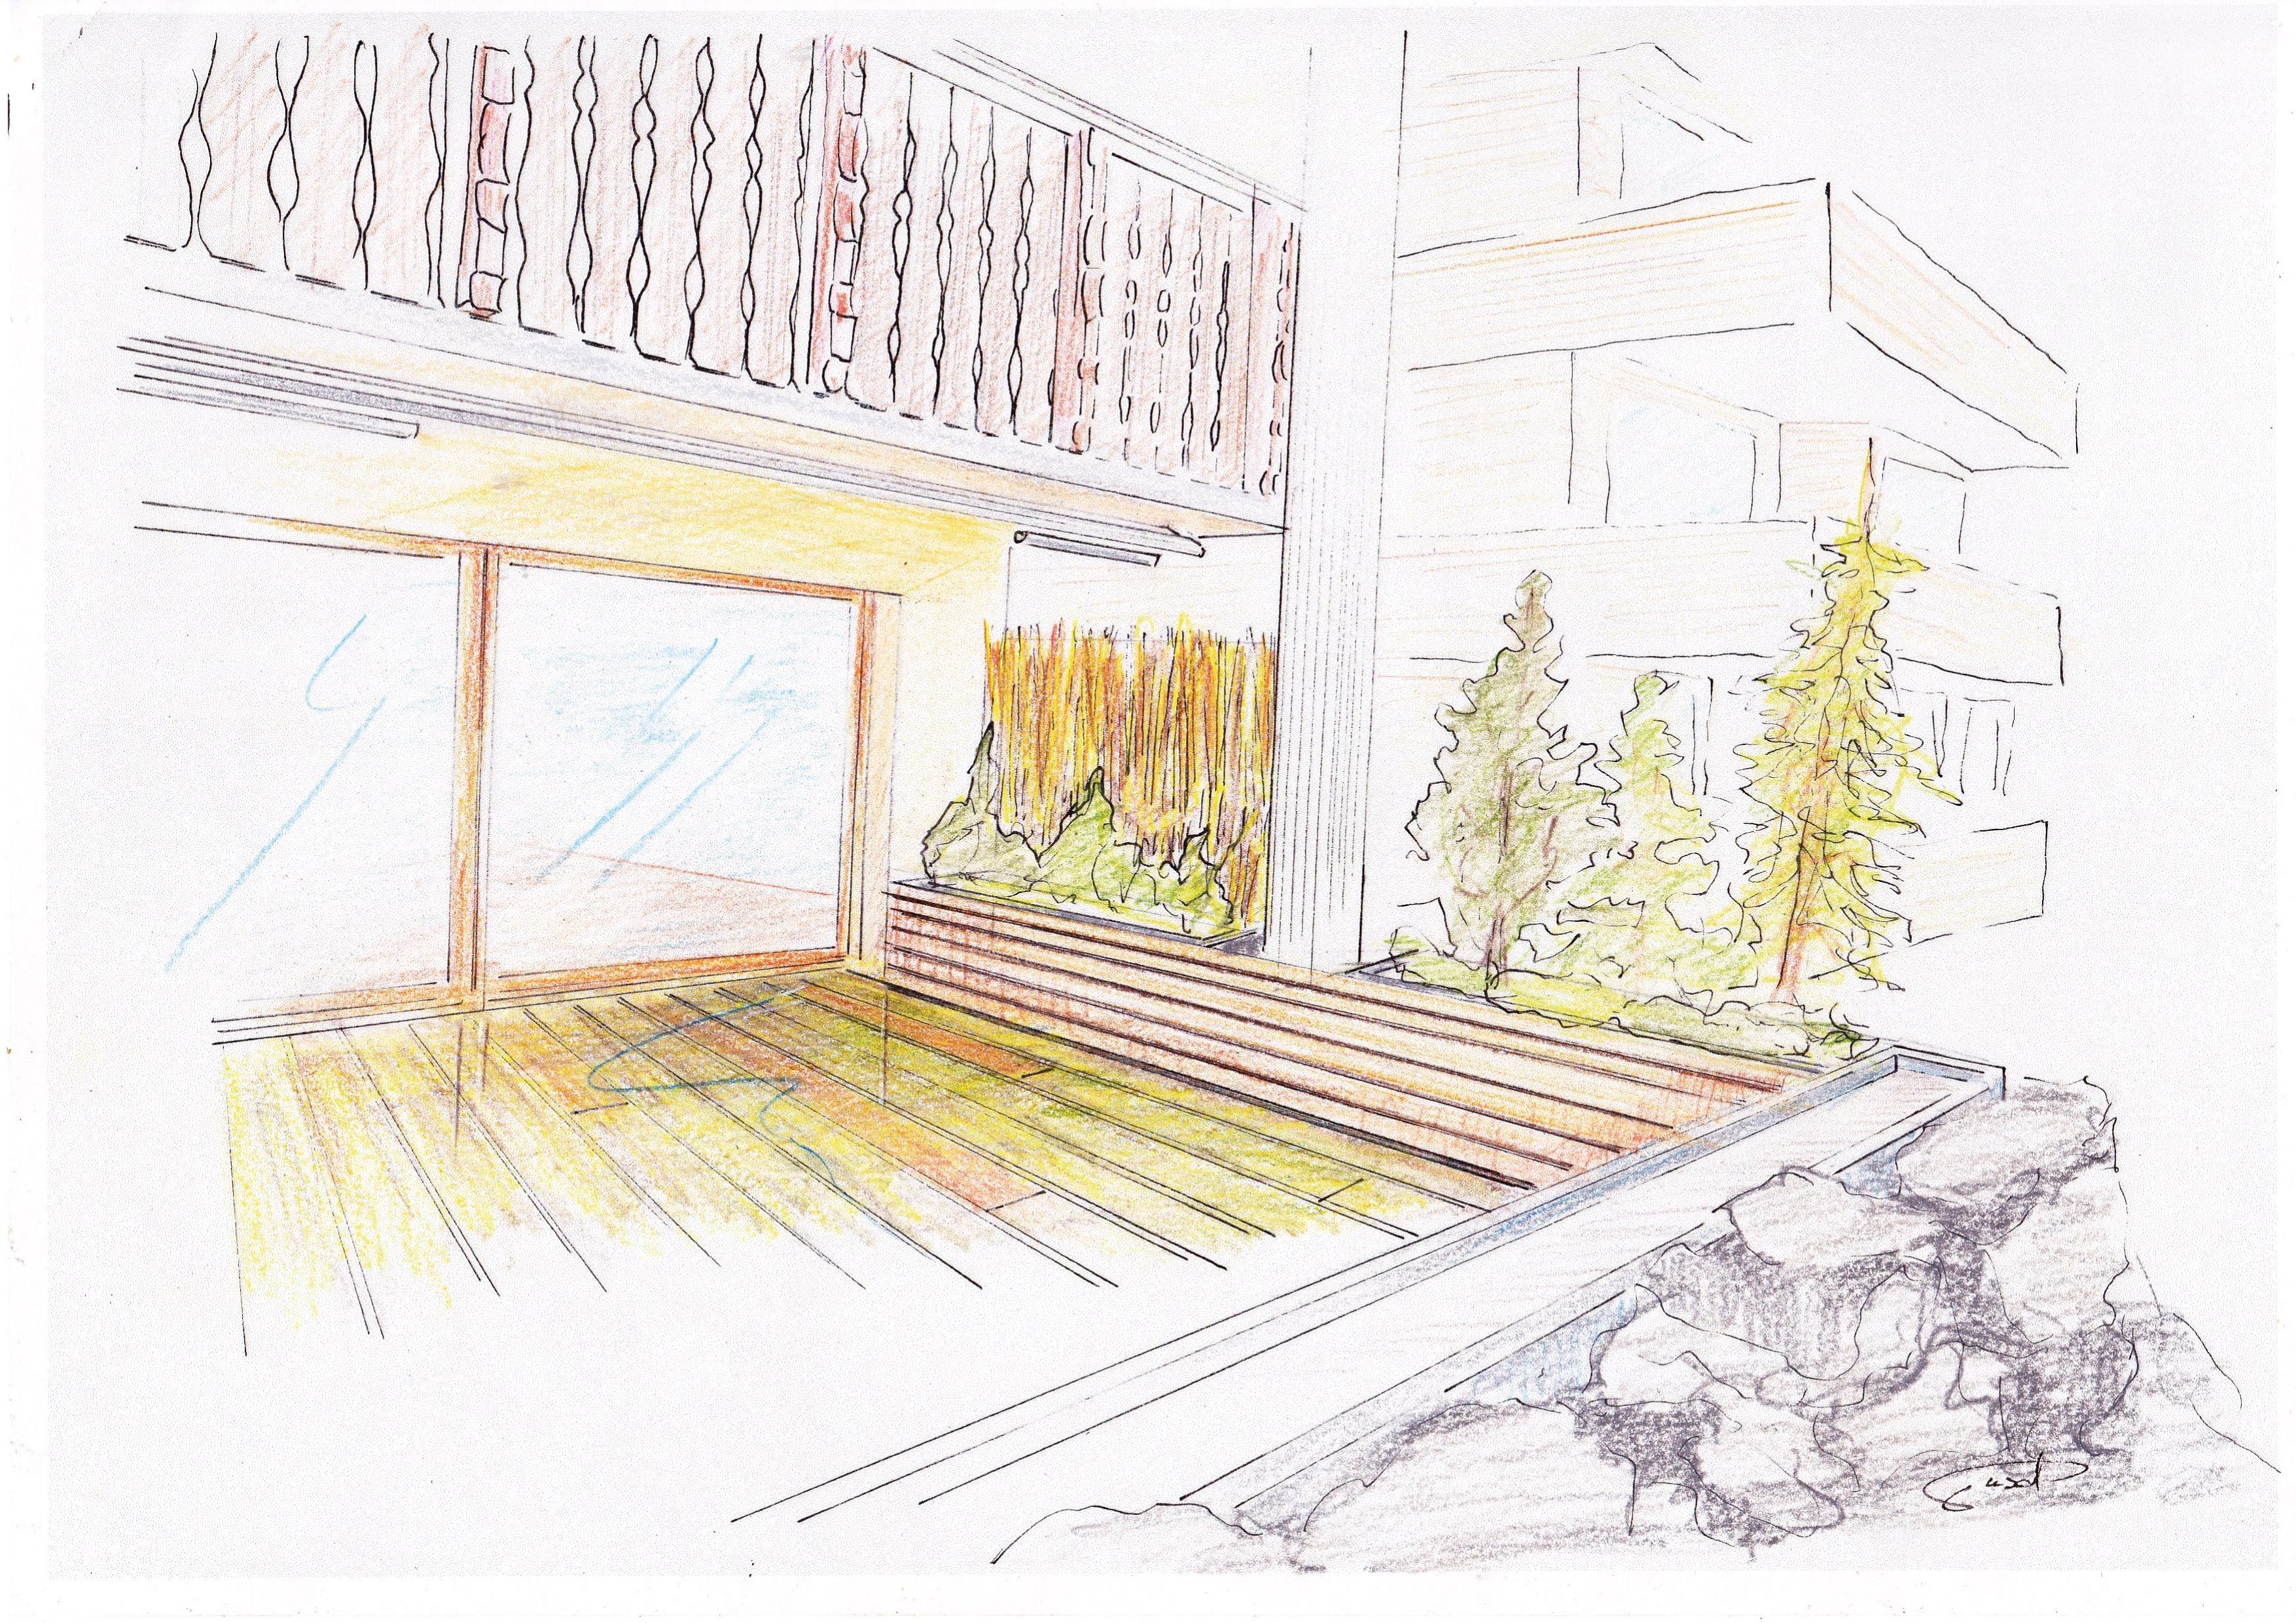 terrassenbepflanzung ideen beete gestaltung – sweetmenu, Gartengerate ideen